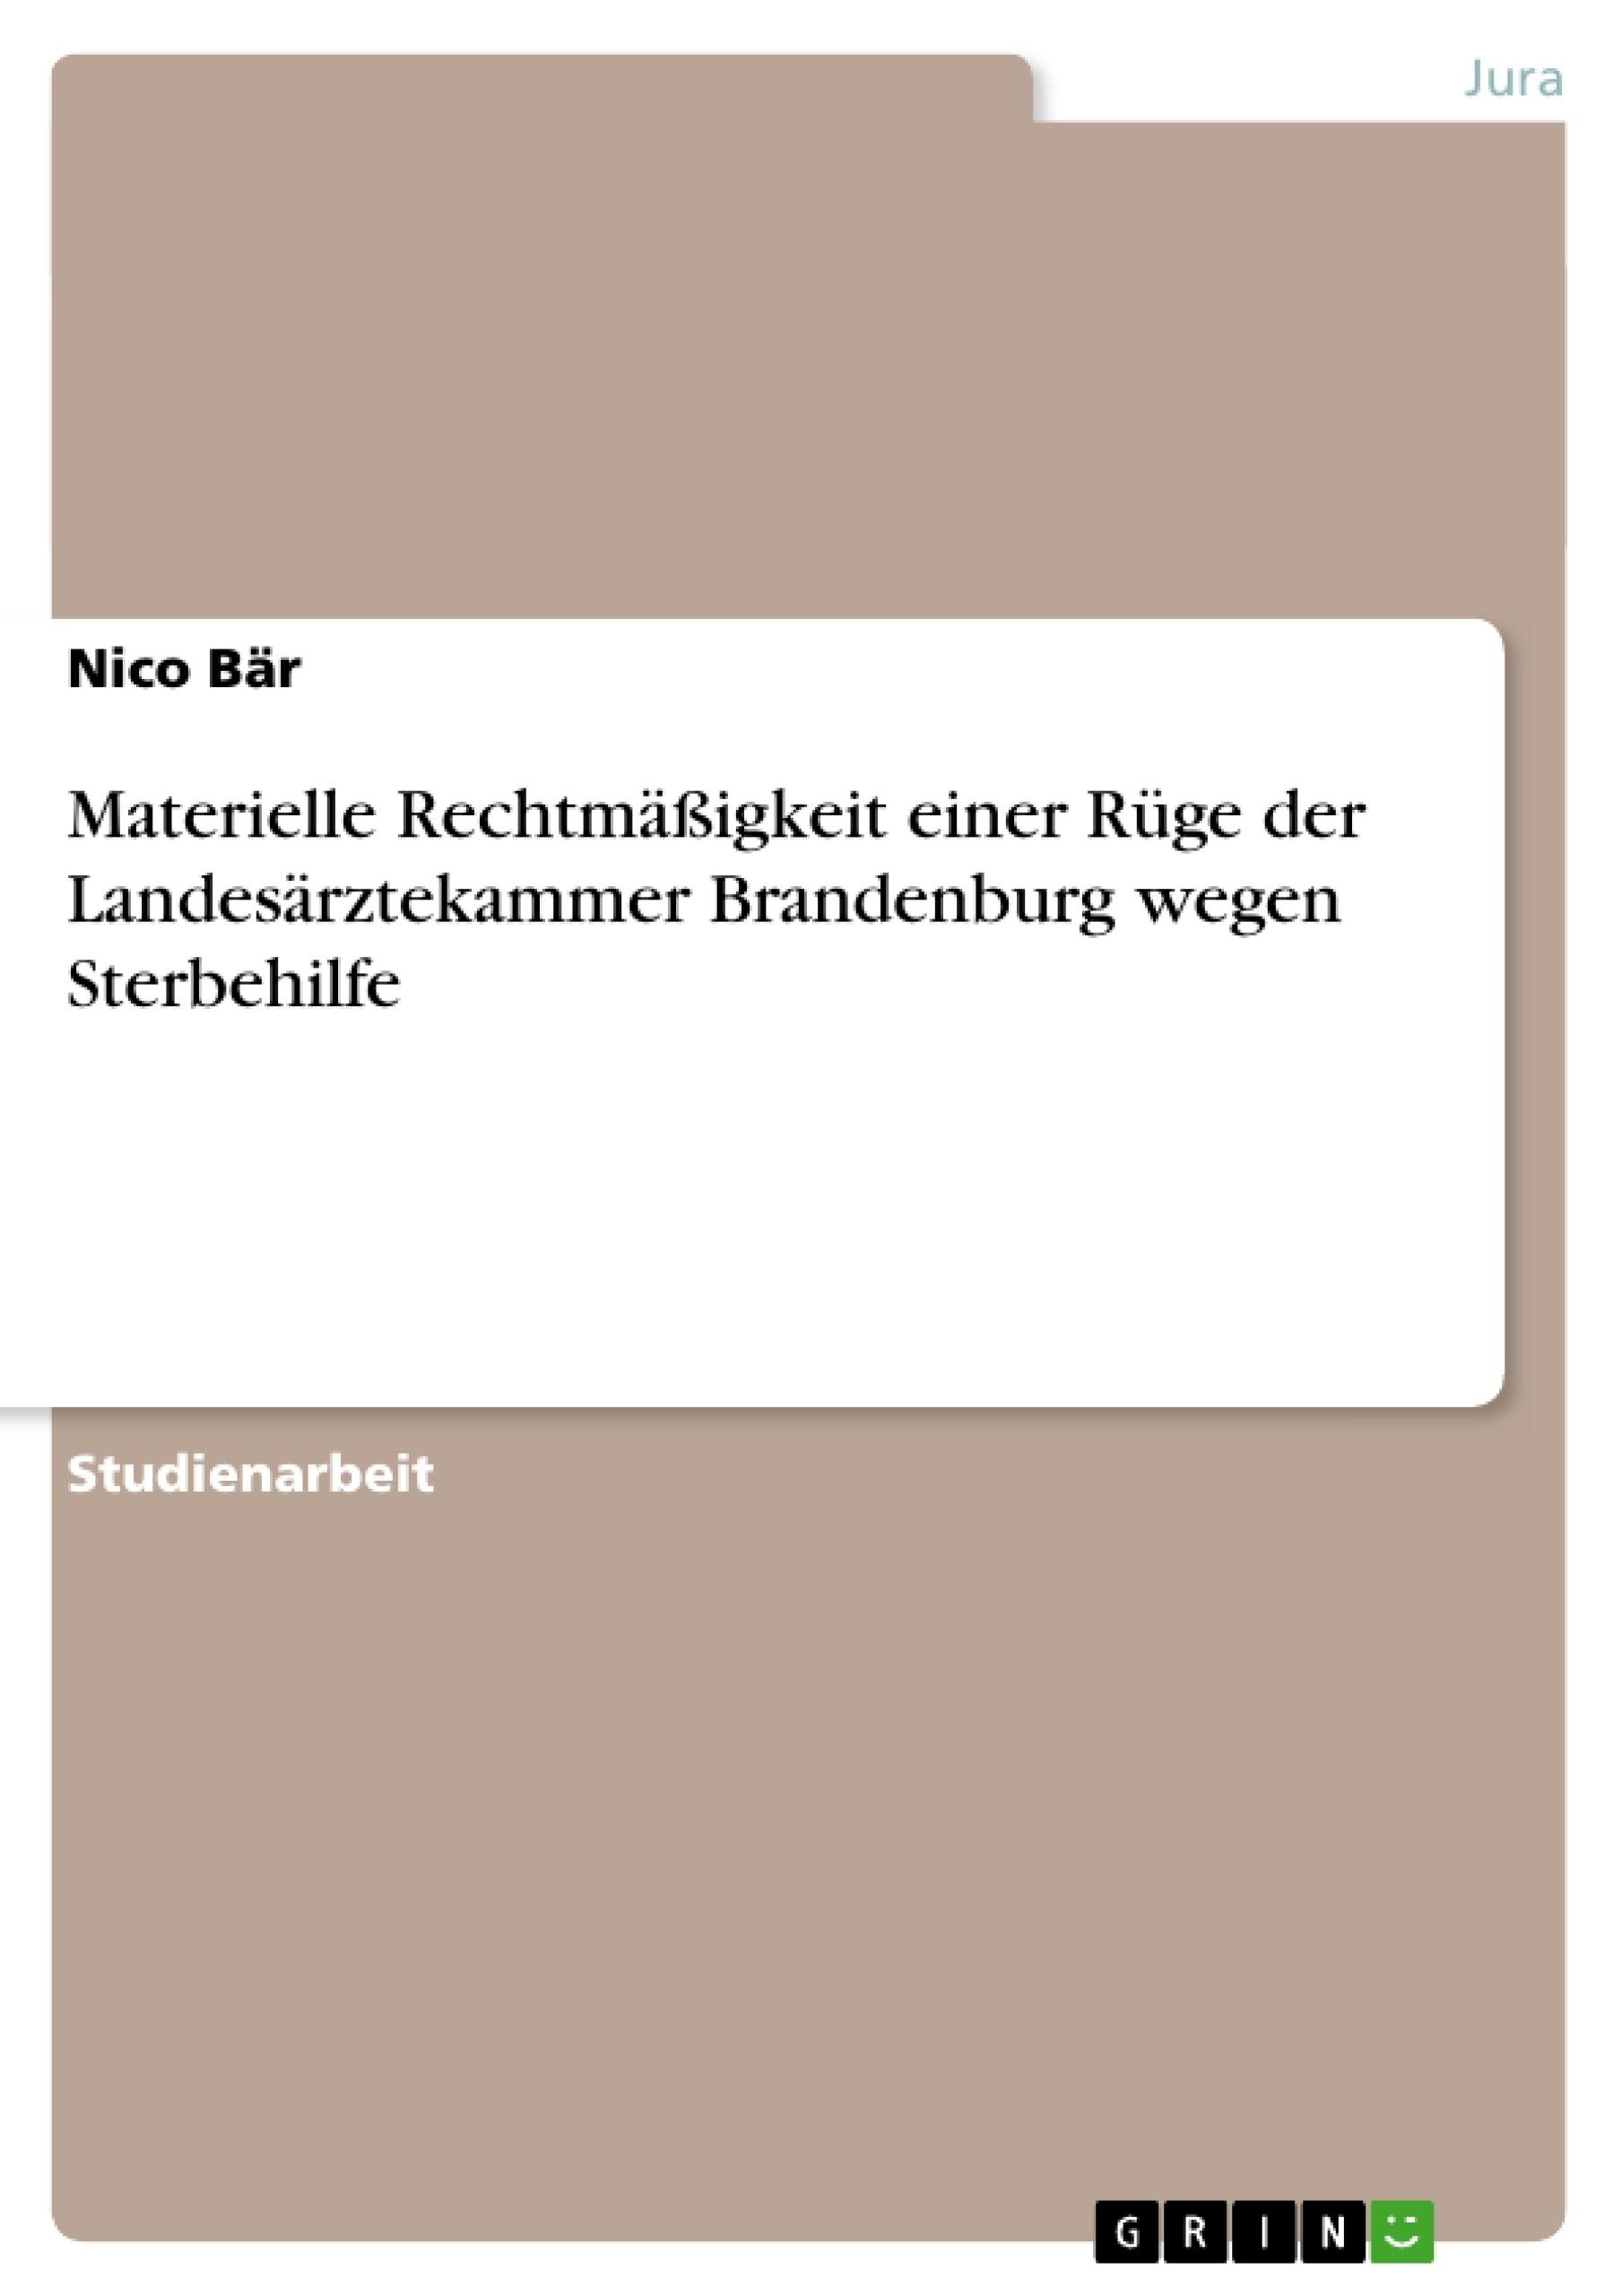 Titel: Materielle Rechtmäßigkeit einer Rüge der Landesärztekammer Brandenburg wegen Sterbehilfe